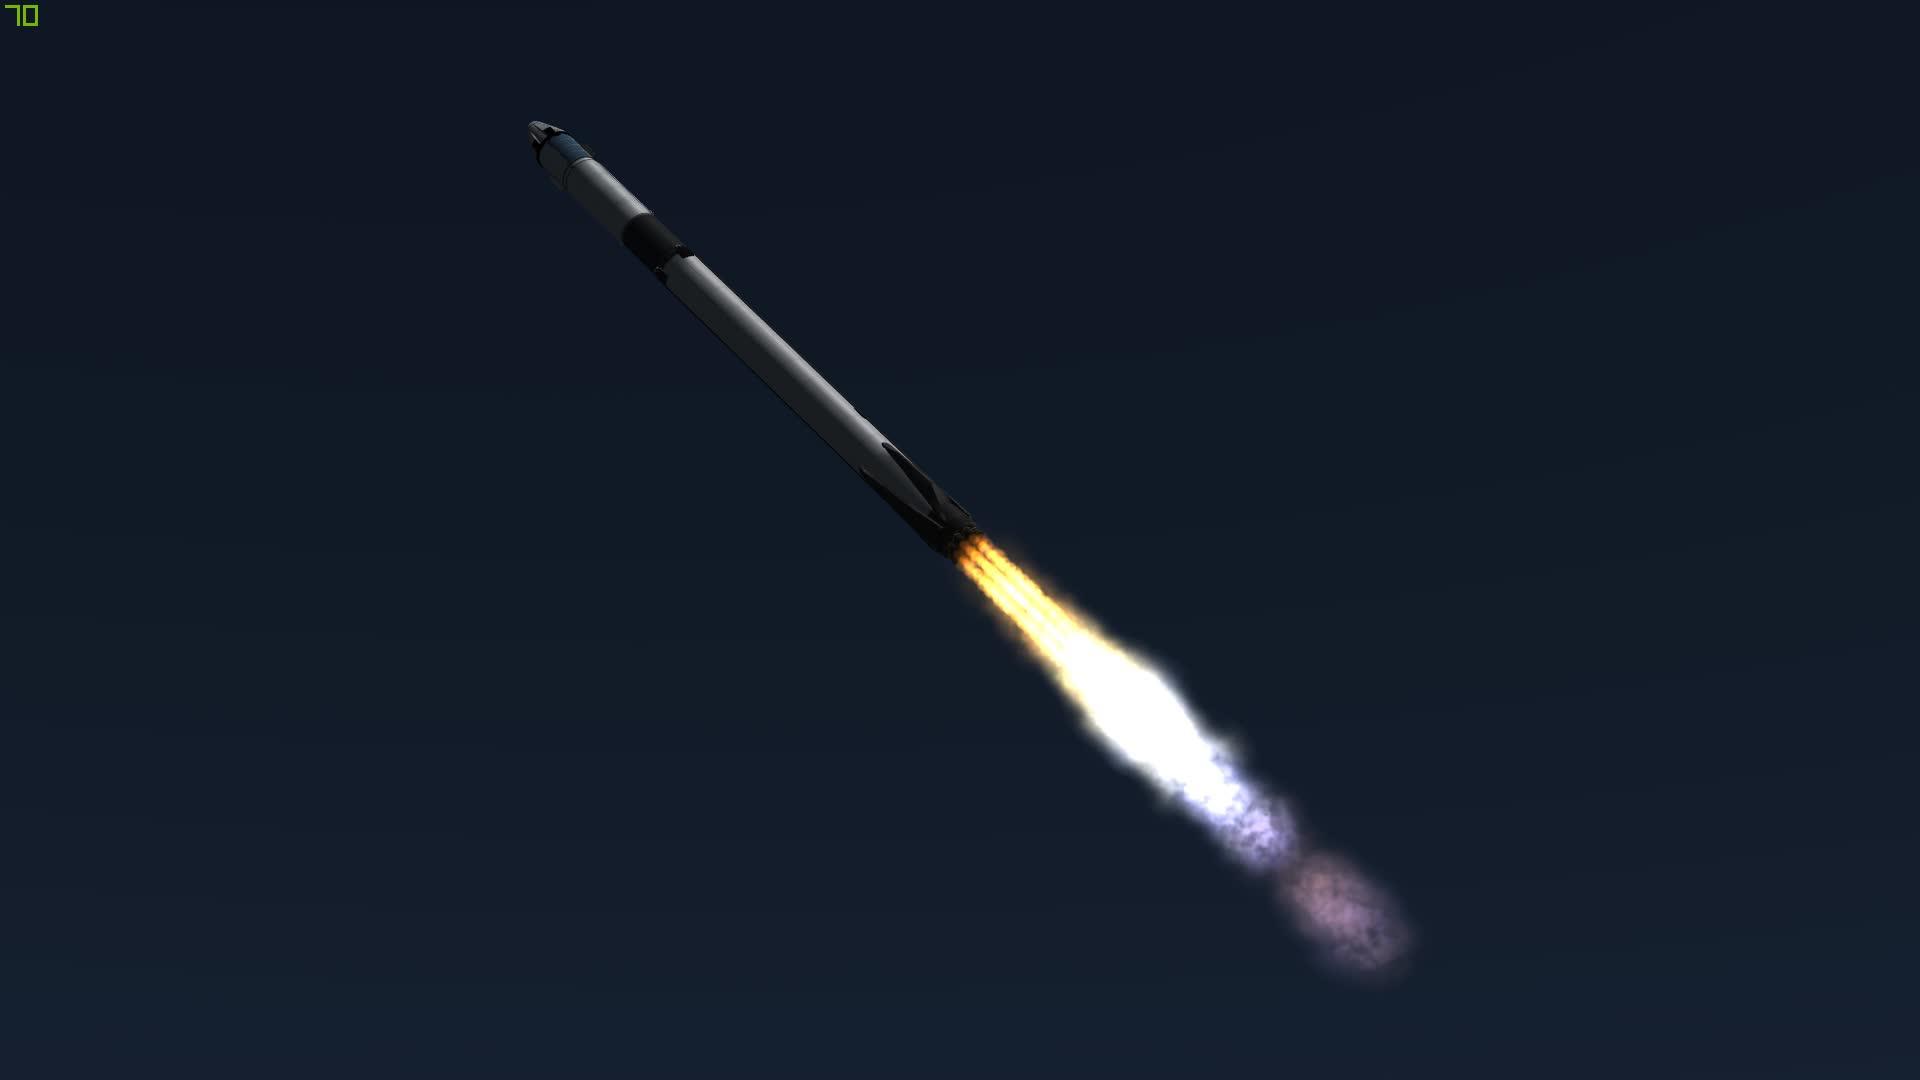 kerbalspaceprogram, Kerbal Space Program 2018.08.13 - 20.37.38.03 GIFs